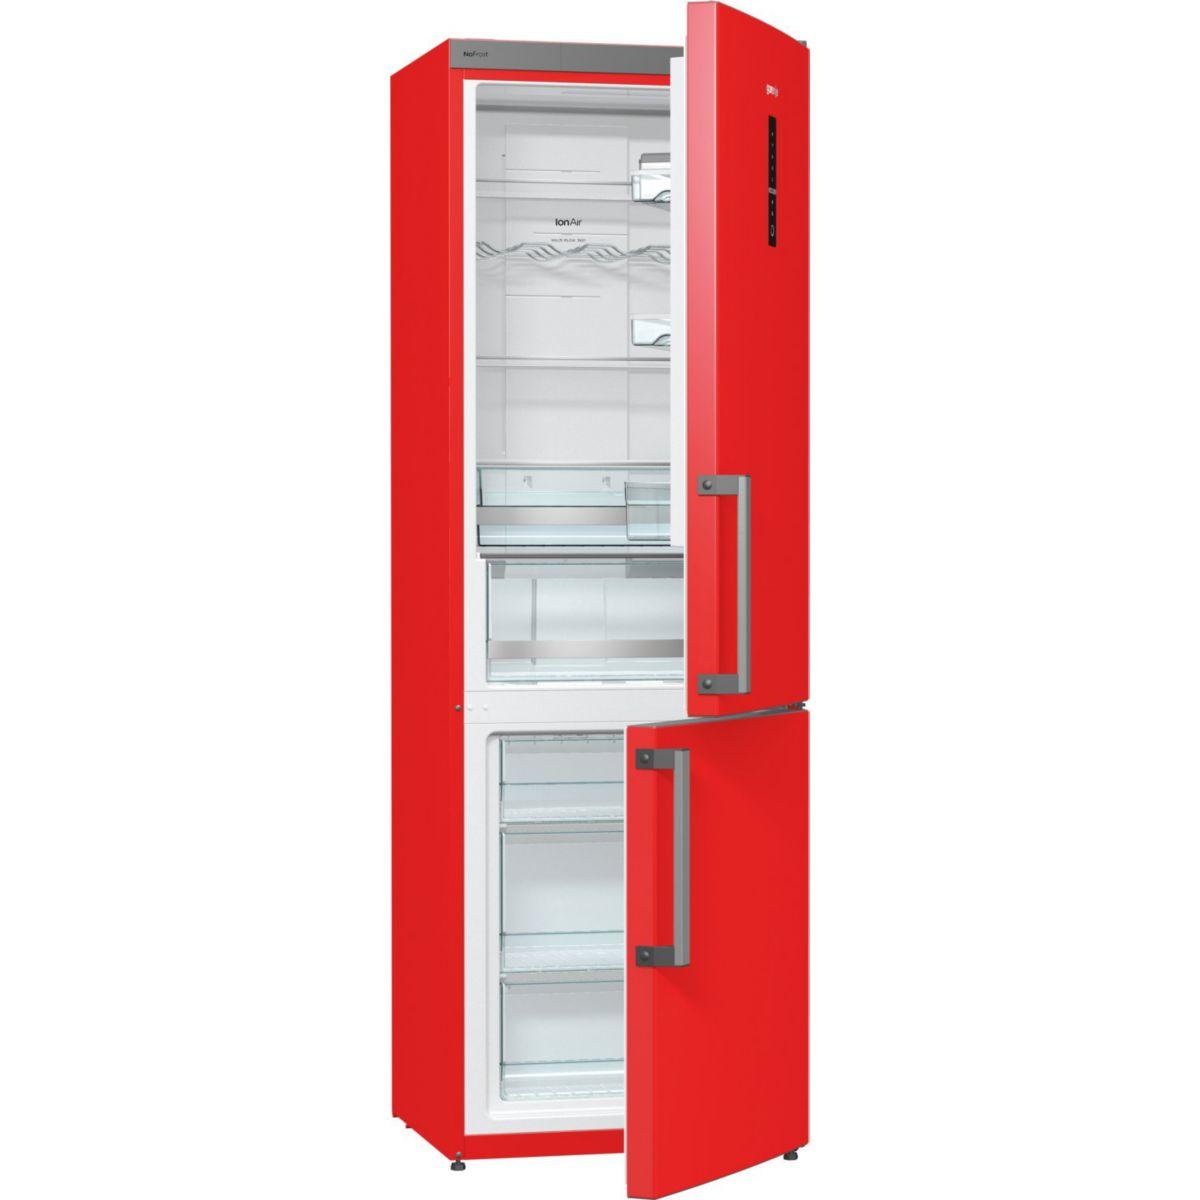 Réfrigérateur congélateur en bas gorenje nrk6192mrd - 20% de remise : code gam20 (photo)